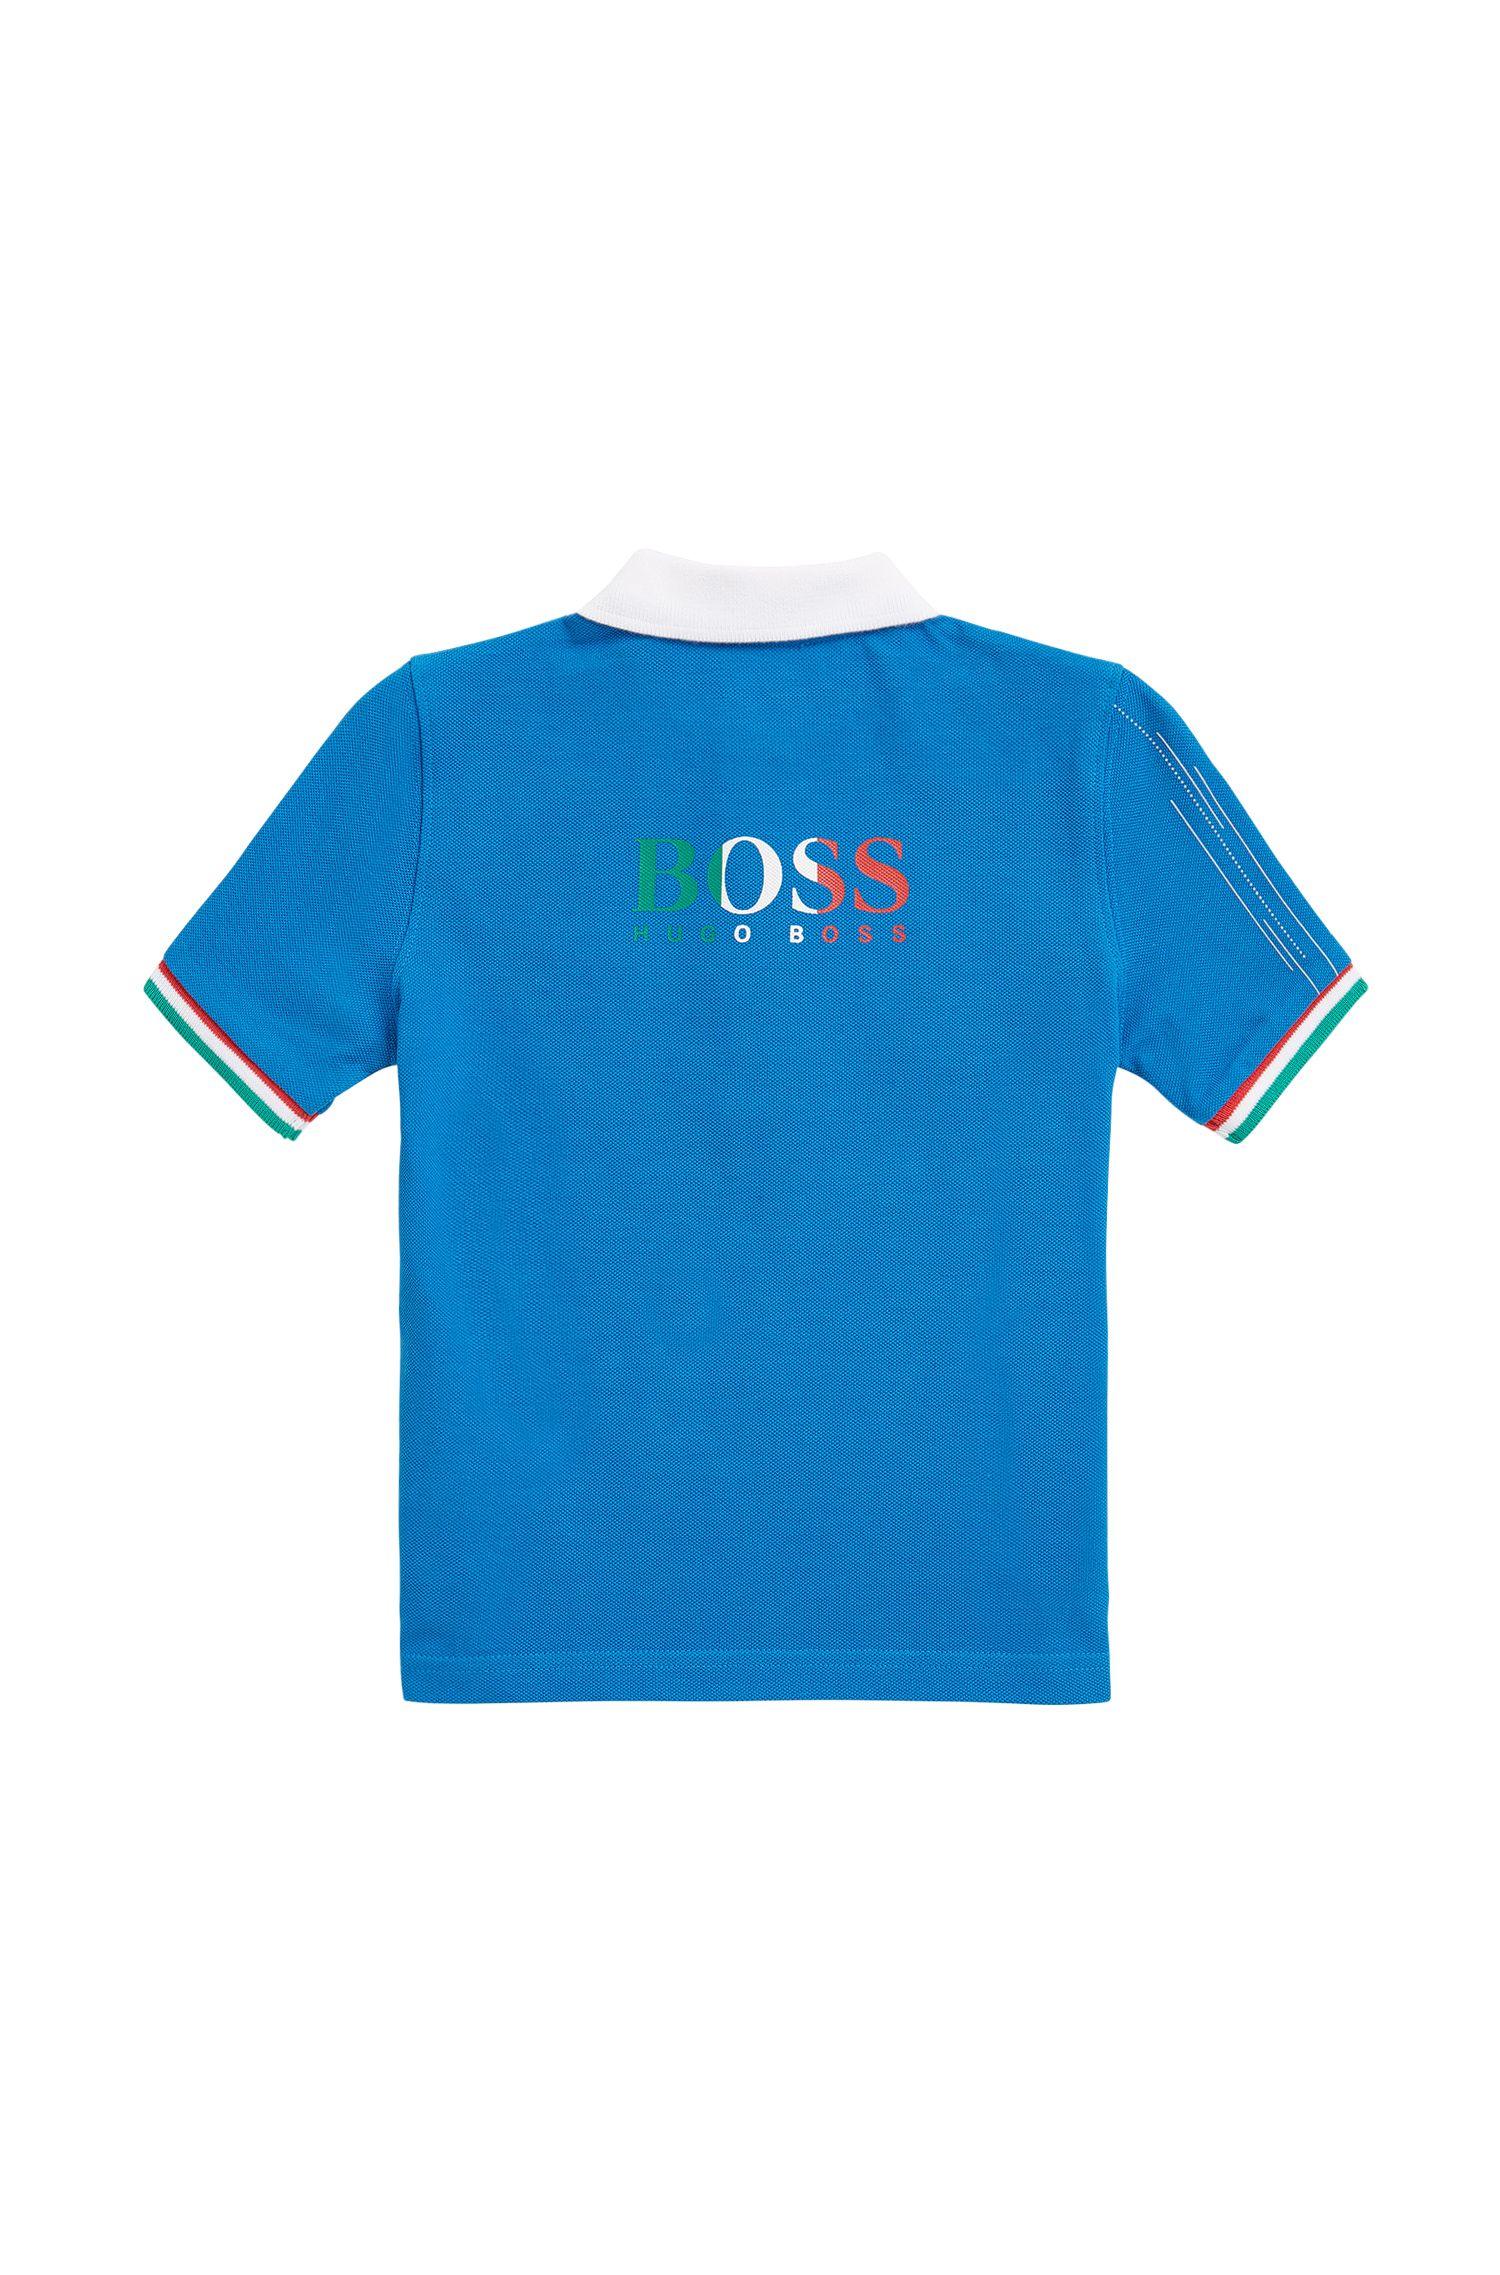 Kids-Poloshirt aus Baumwoll-Piqué aus der Special Edition